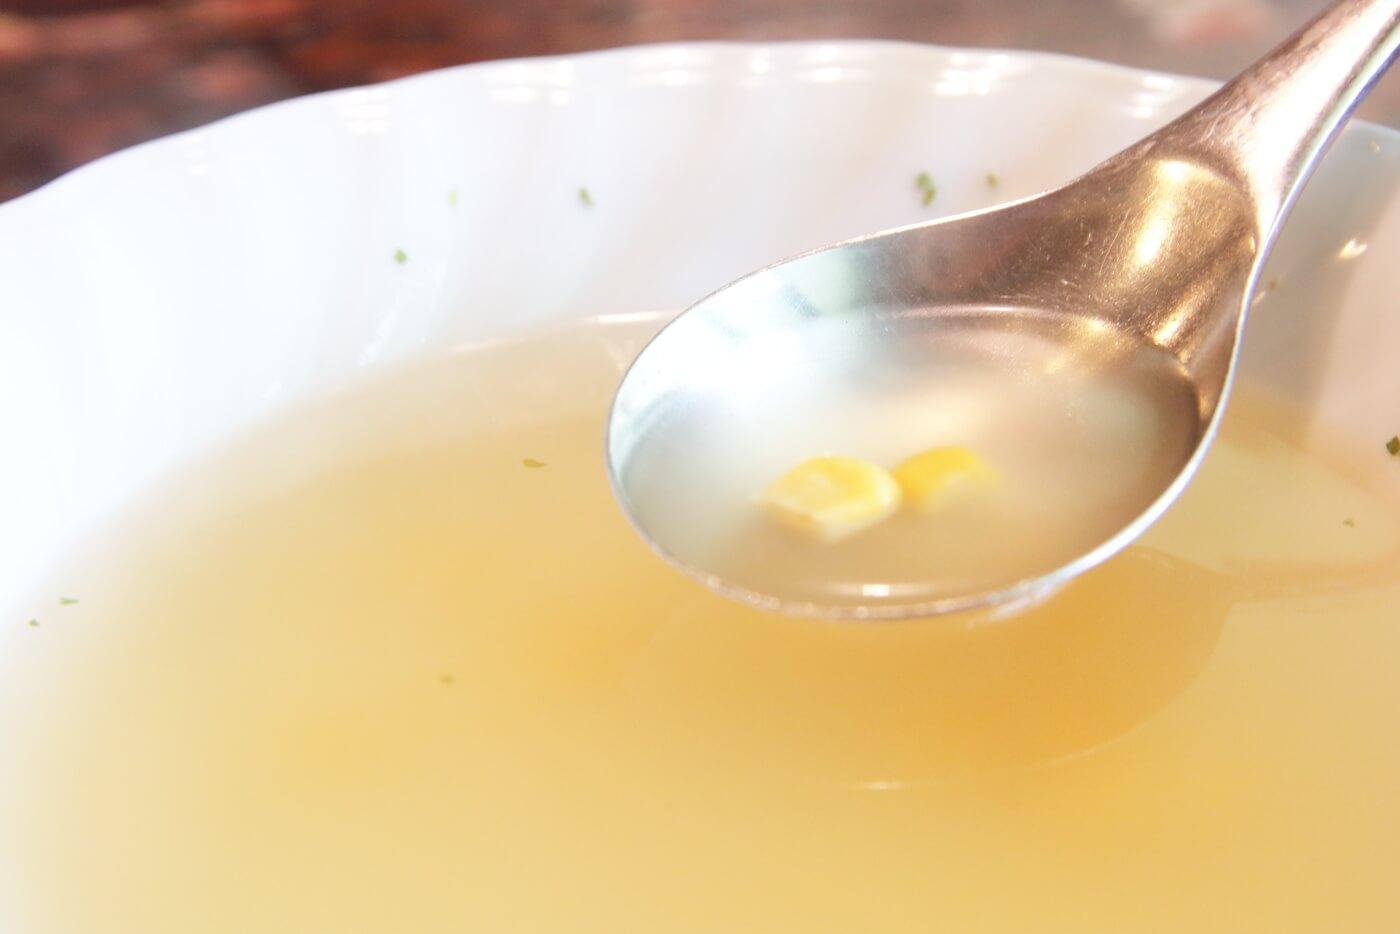 高知市の鶏料理屋さん 鳥心 コンソメスープにはコーンが入っている